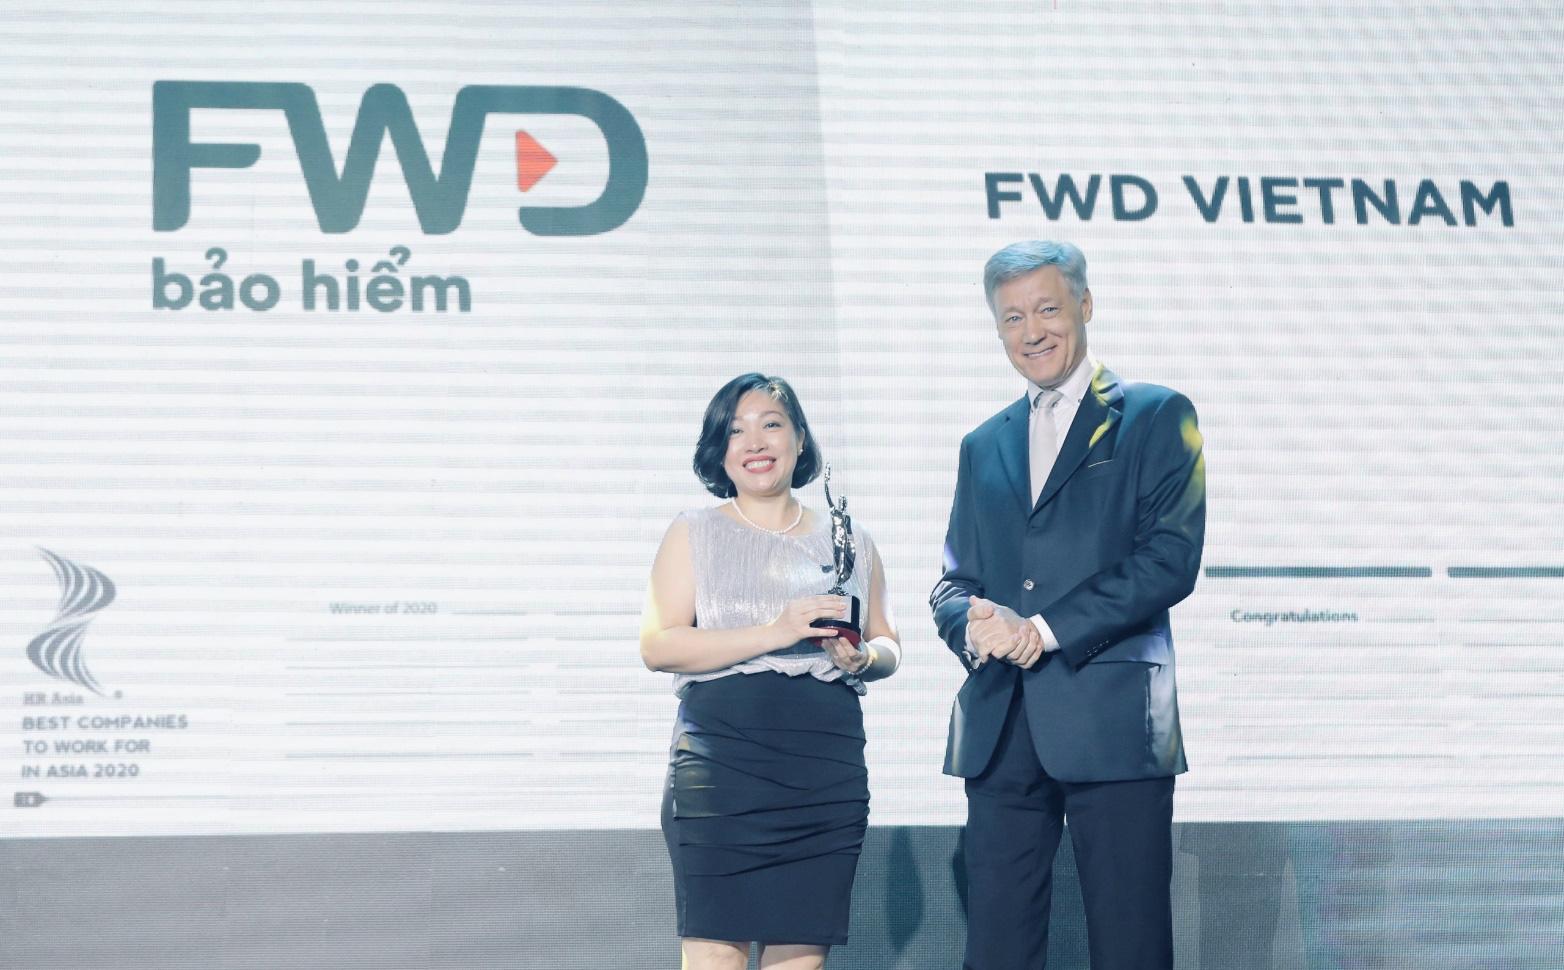 FWD được HR Asia vinh danh là nơi làm việc tốt nhất châu Á 2020 - Ảnh 1.